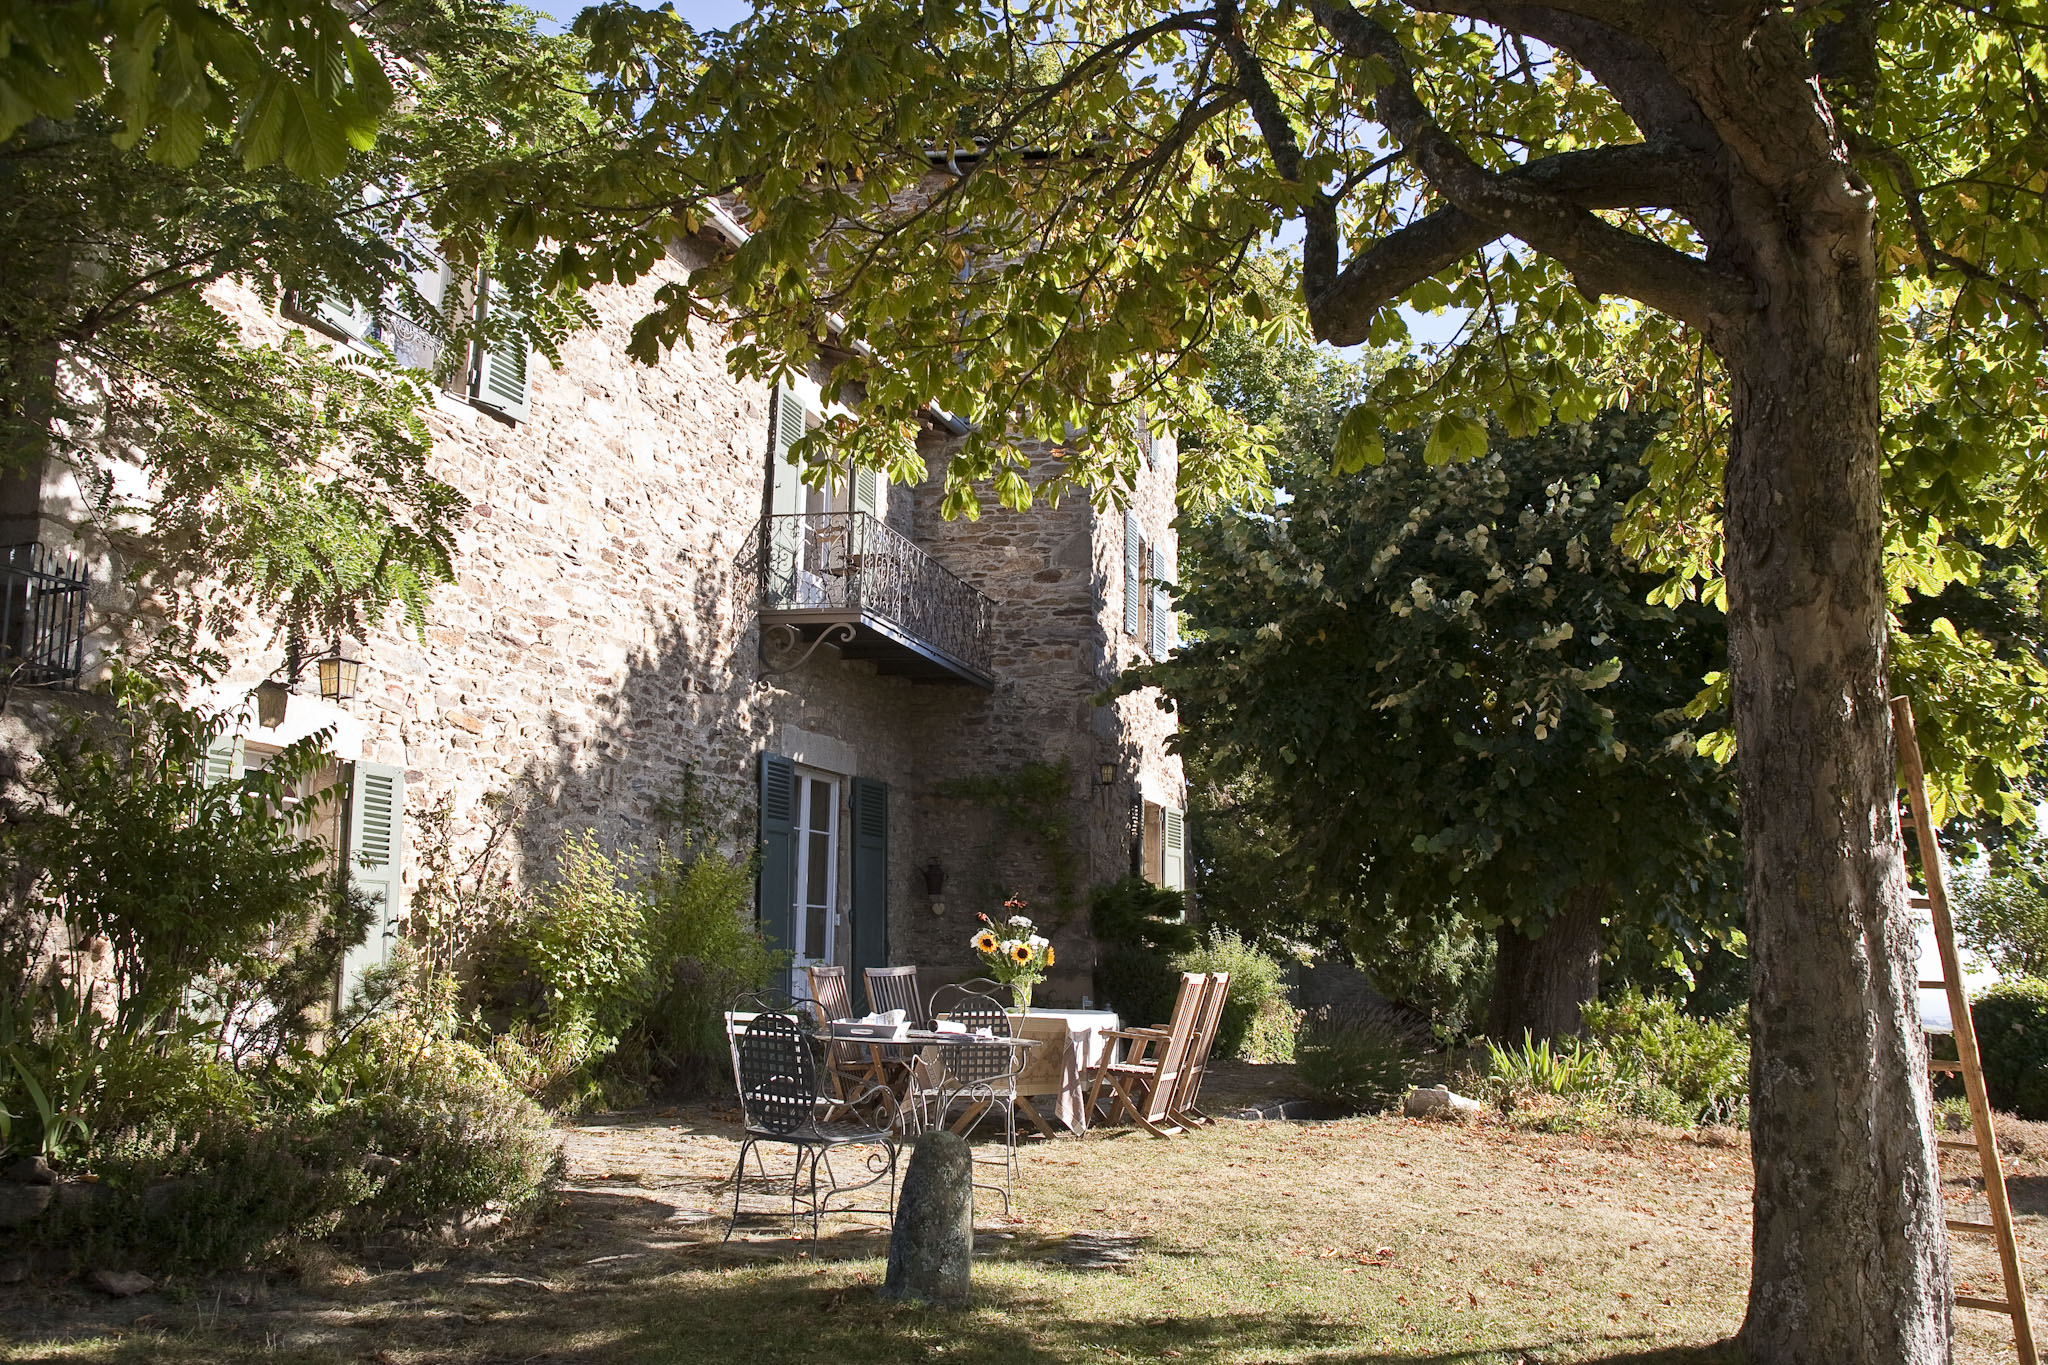 Chambre d 39 hote rhone alpes 69 chateau de riverie - Chambre d hotes rhone alpes ...